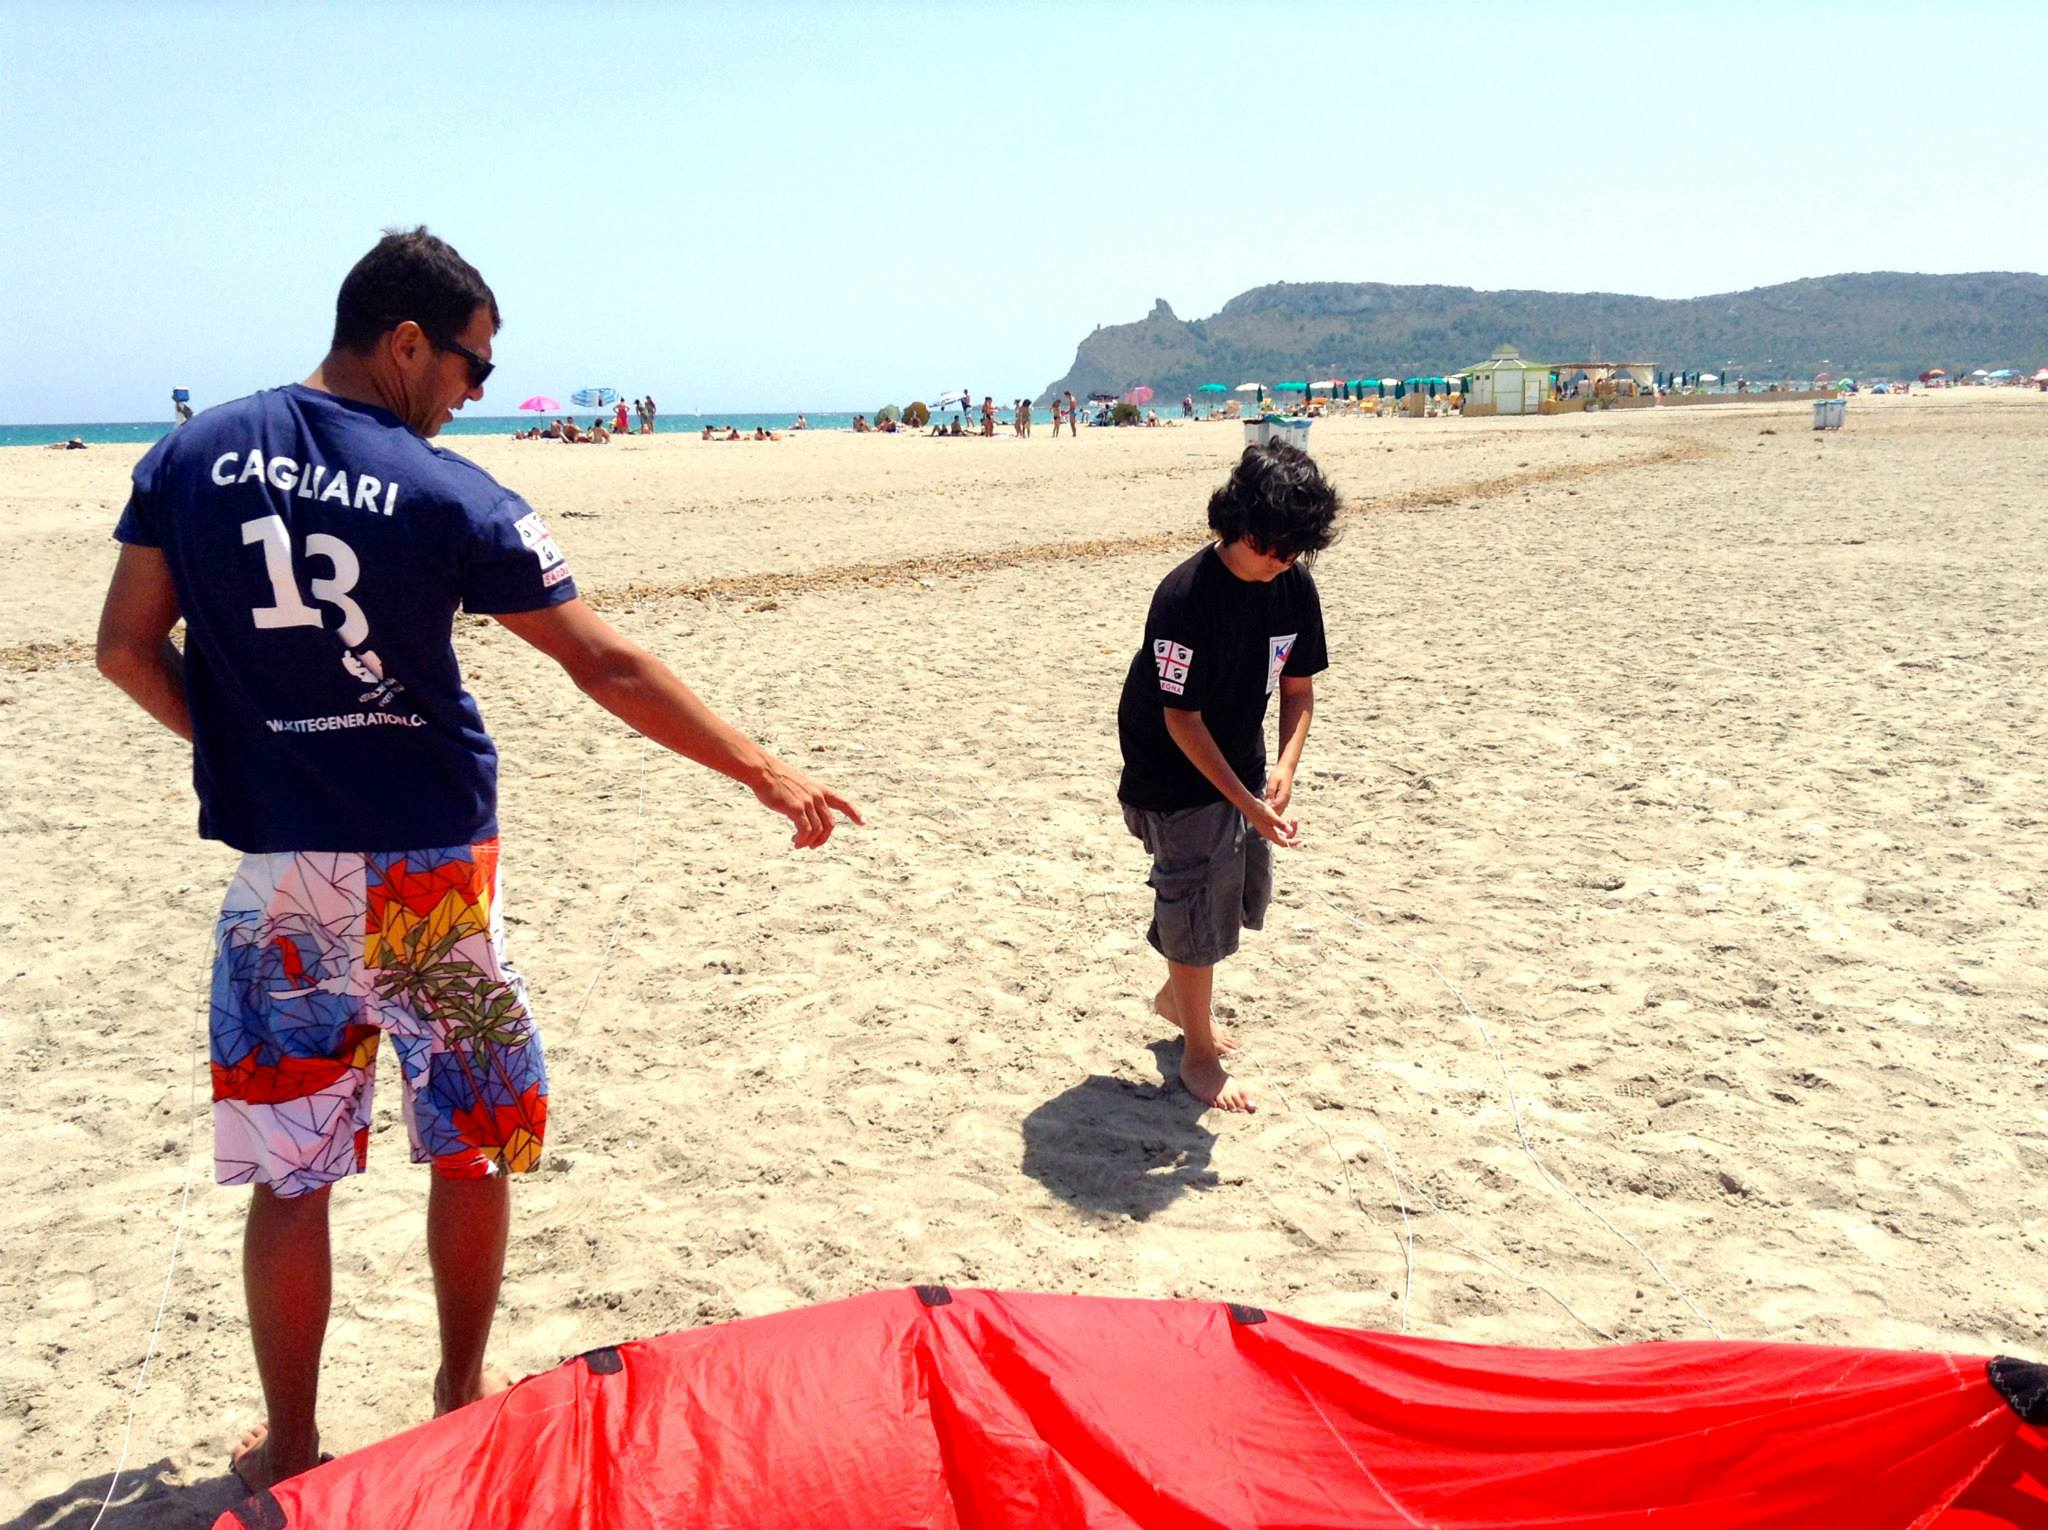 Kitesurfing Course for Children in Cagliari, Sardinia (Italy)